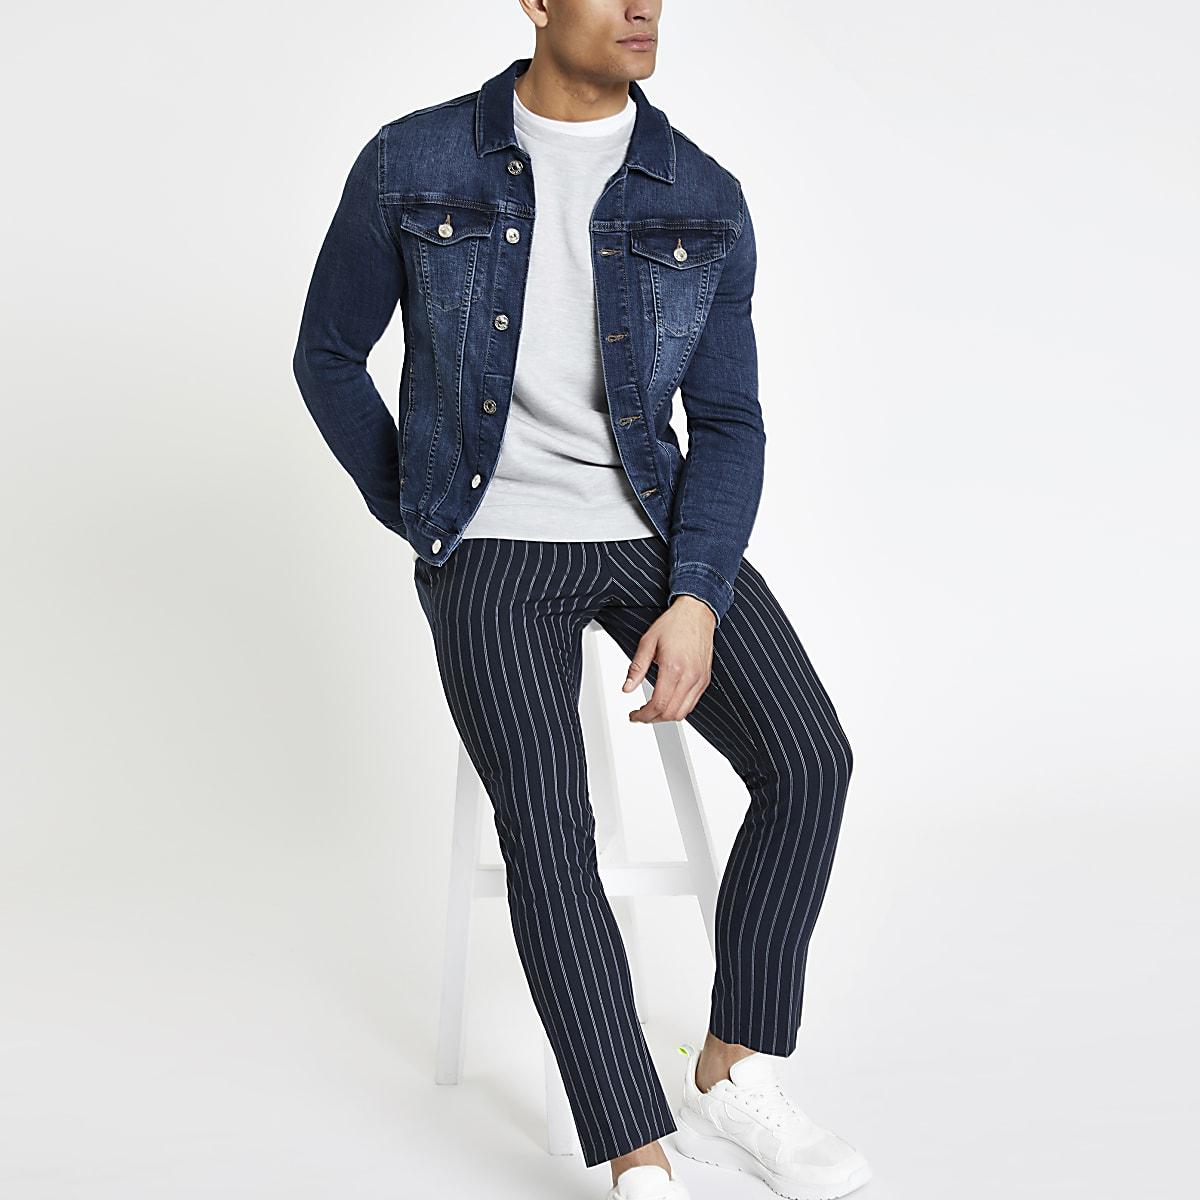 Veste en jean ajustée bleu foncé